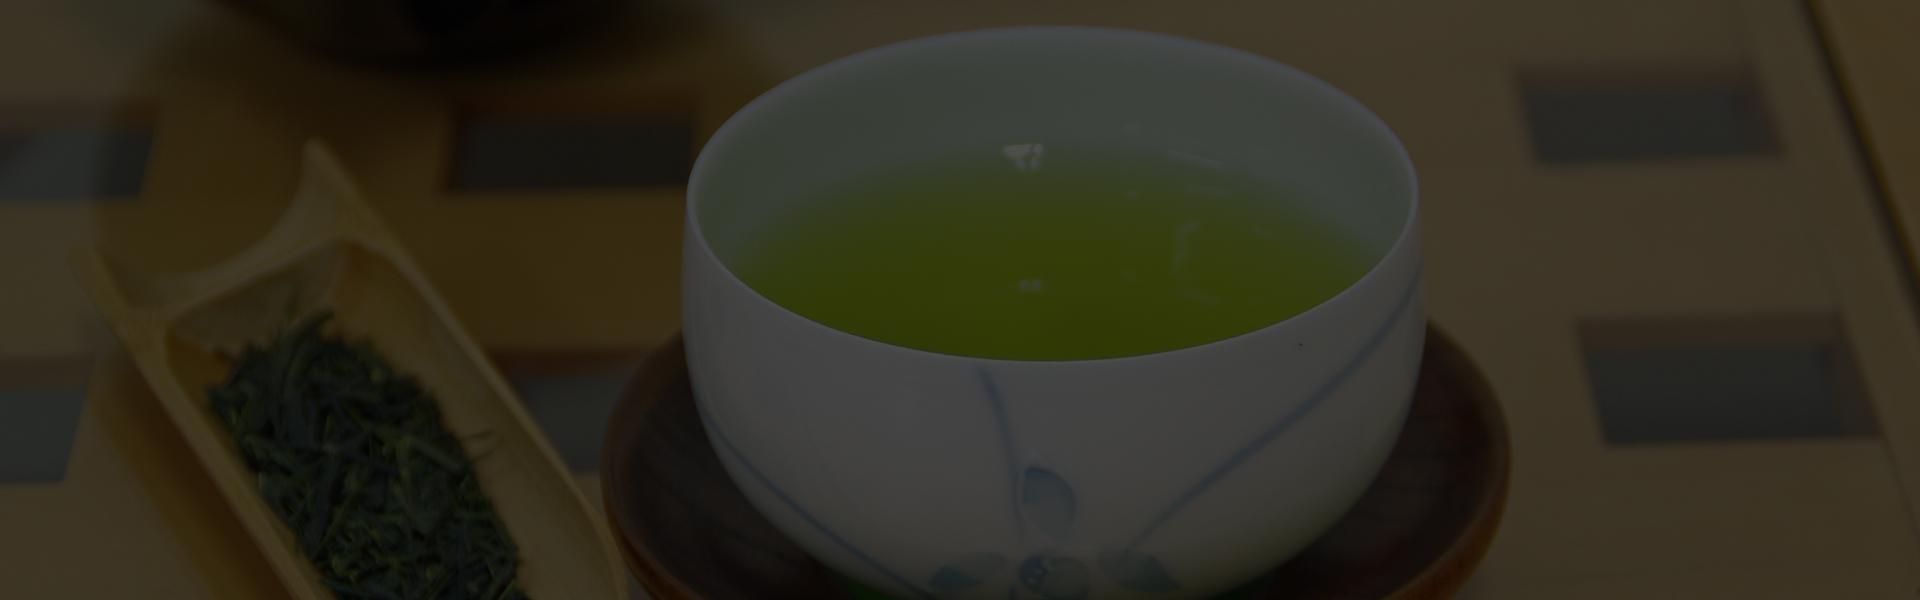 土倉からのお知らせ・ニューストピックス